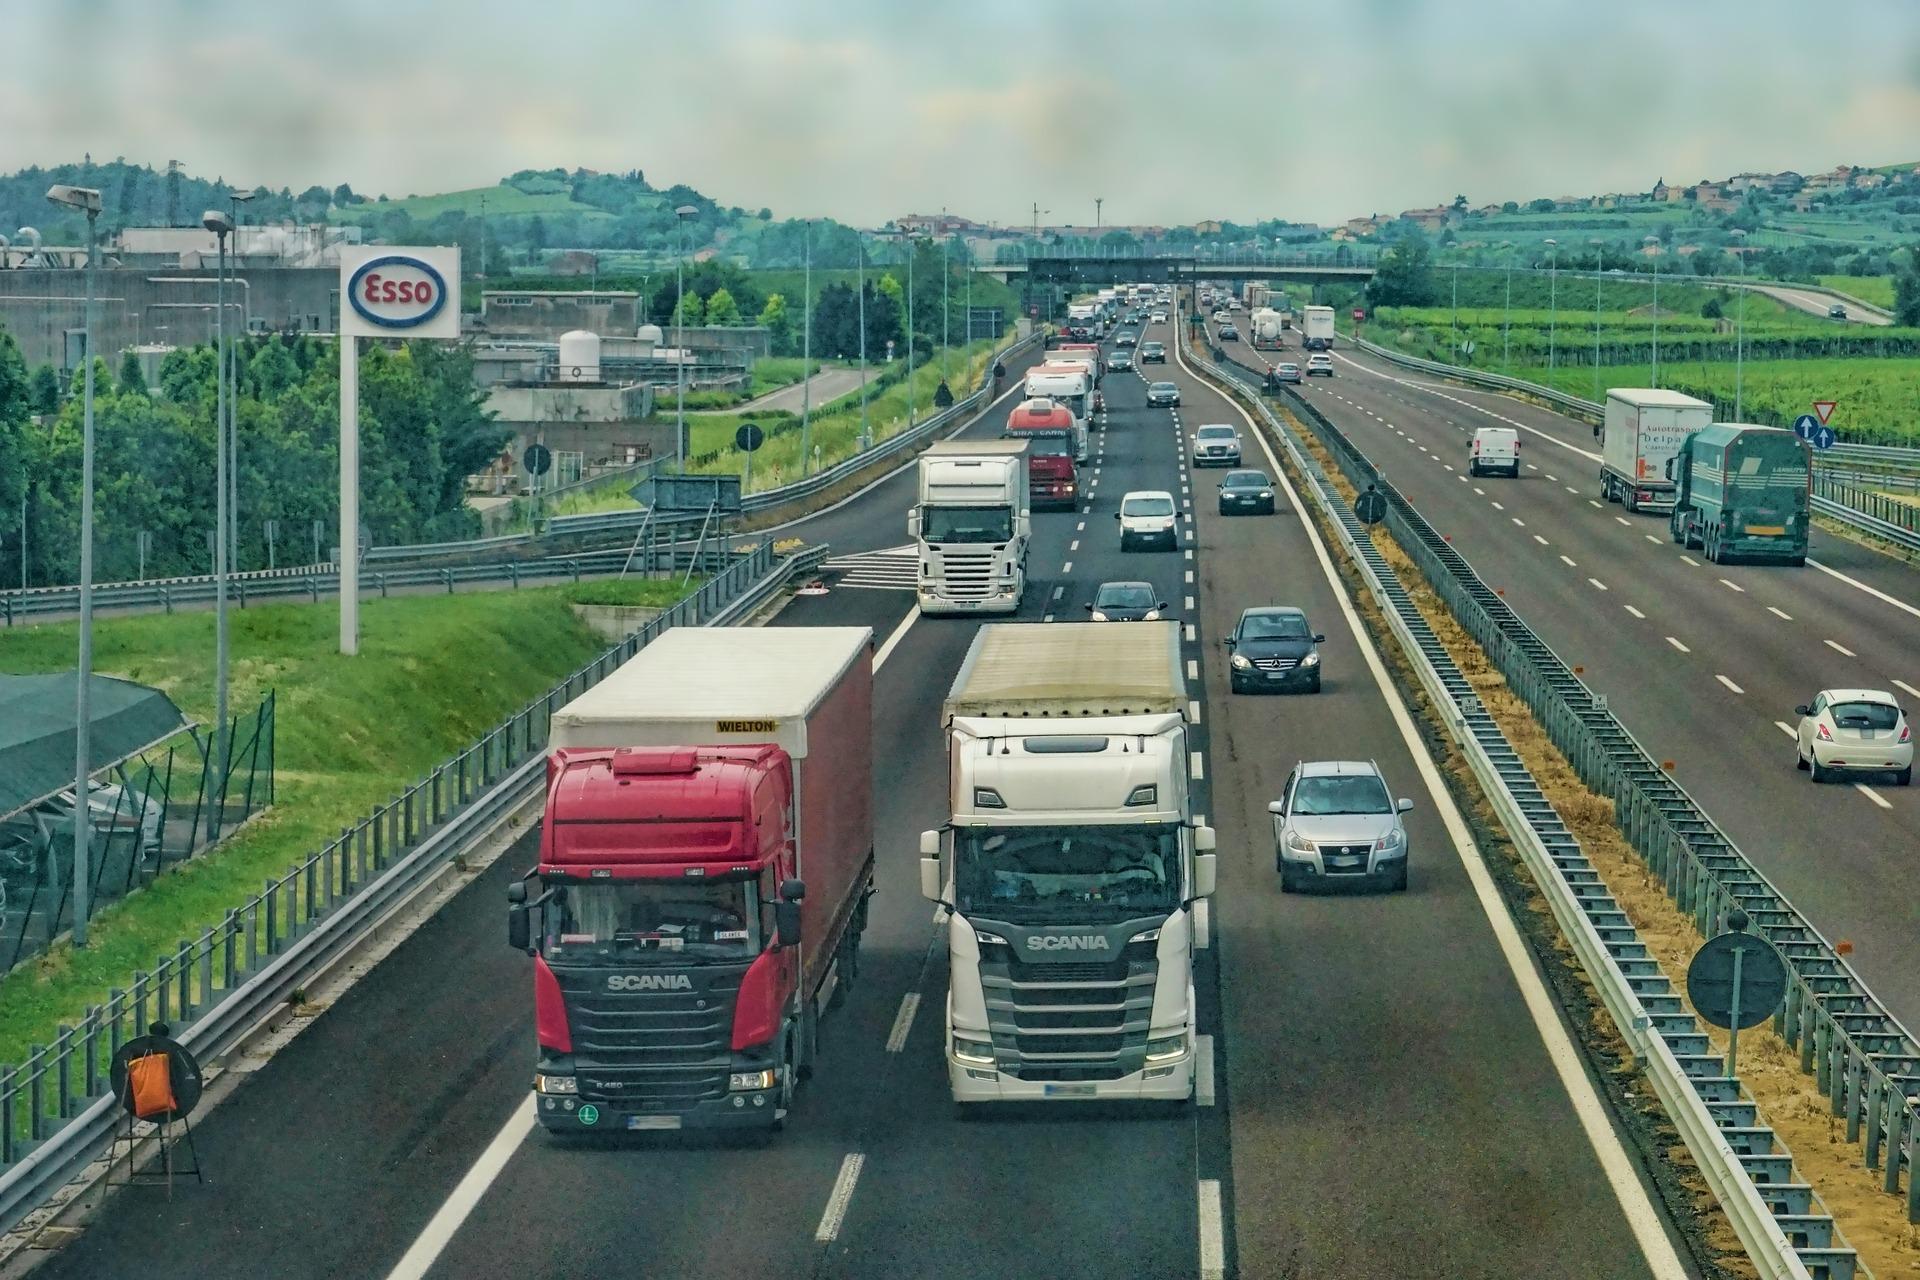 Jak bezpiecznie się poruszać pojazdami wielkogabarytowymi?